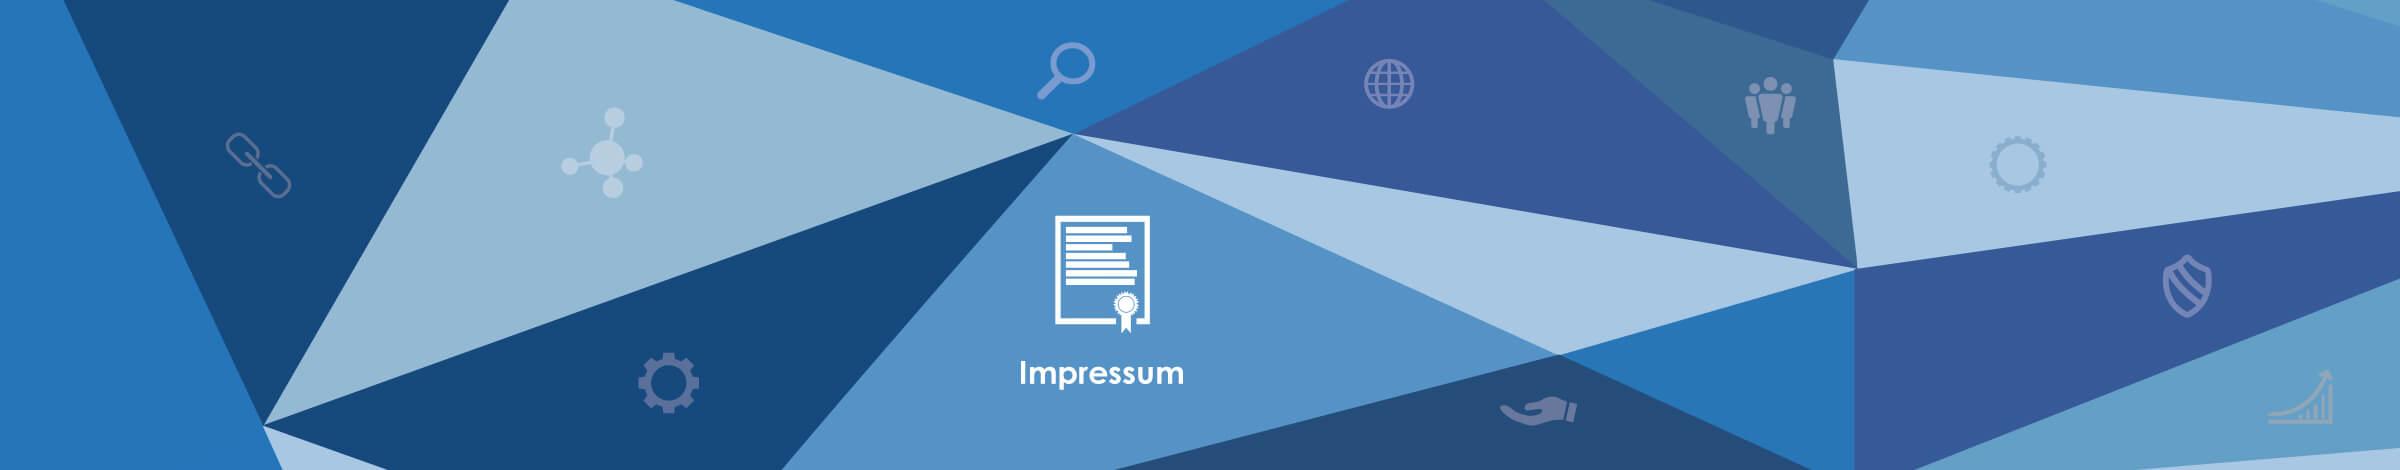 web_updates_kmu_wuk-ch_Impressum